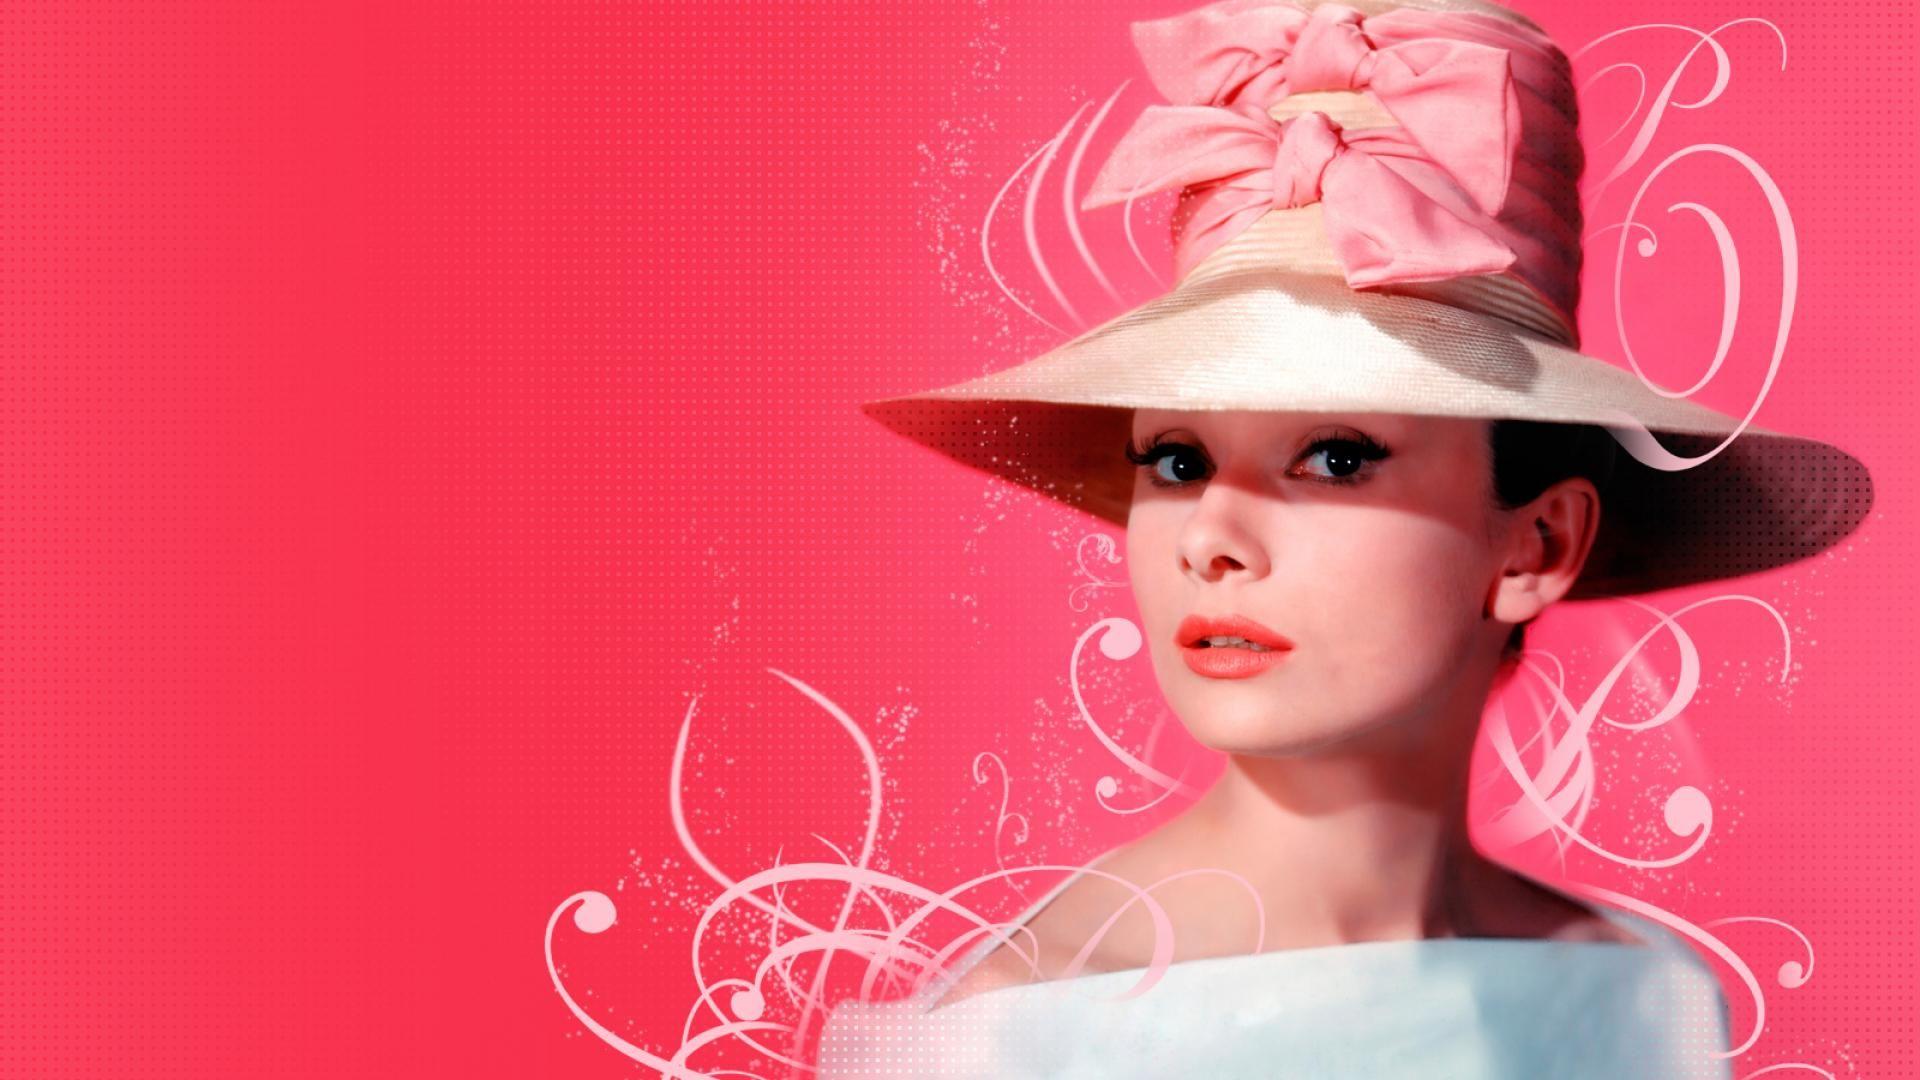 Audrey Hepburn wallpaper photo